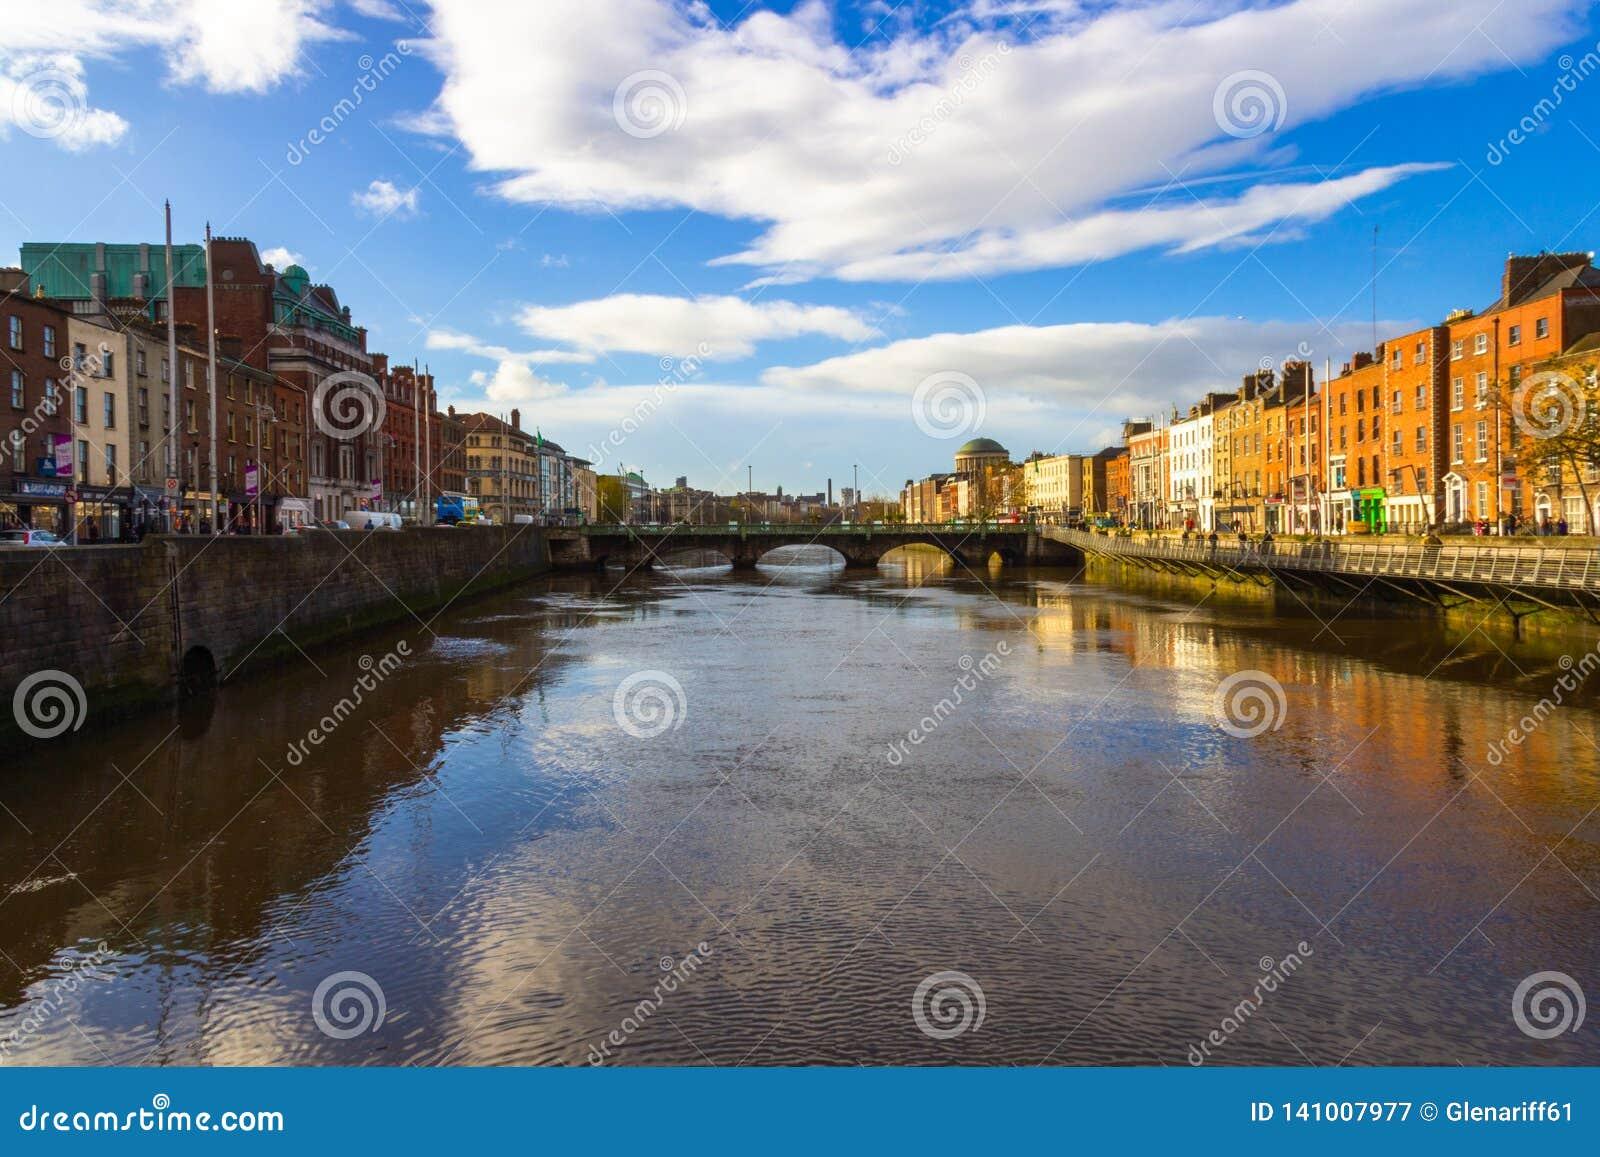 Vista del puente sobre el río Liffey en Dublín